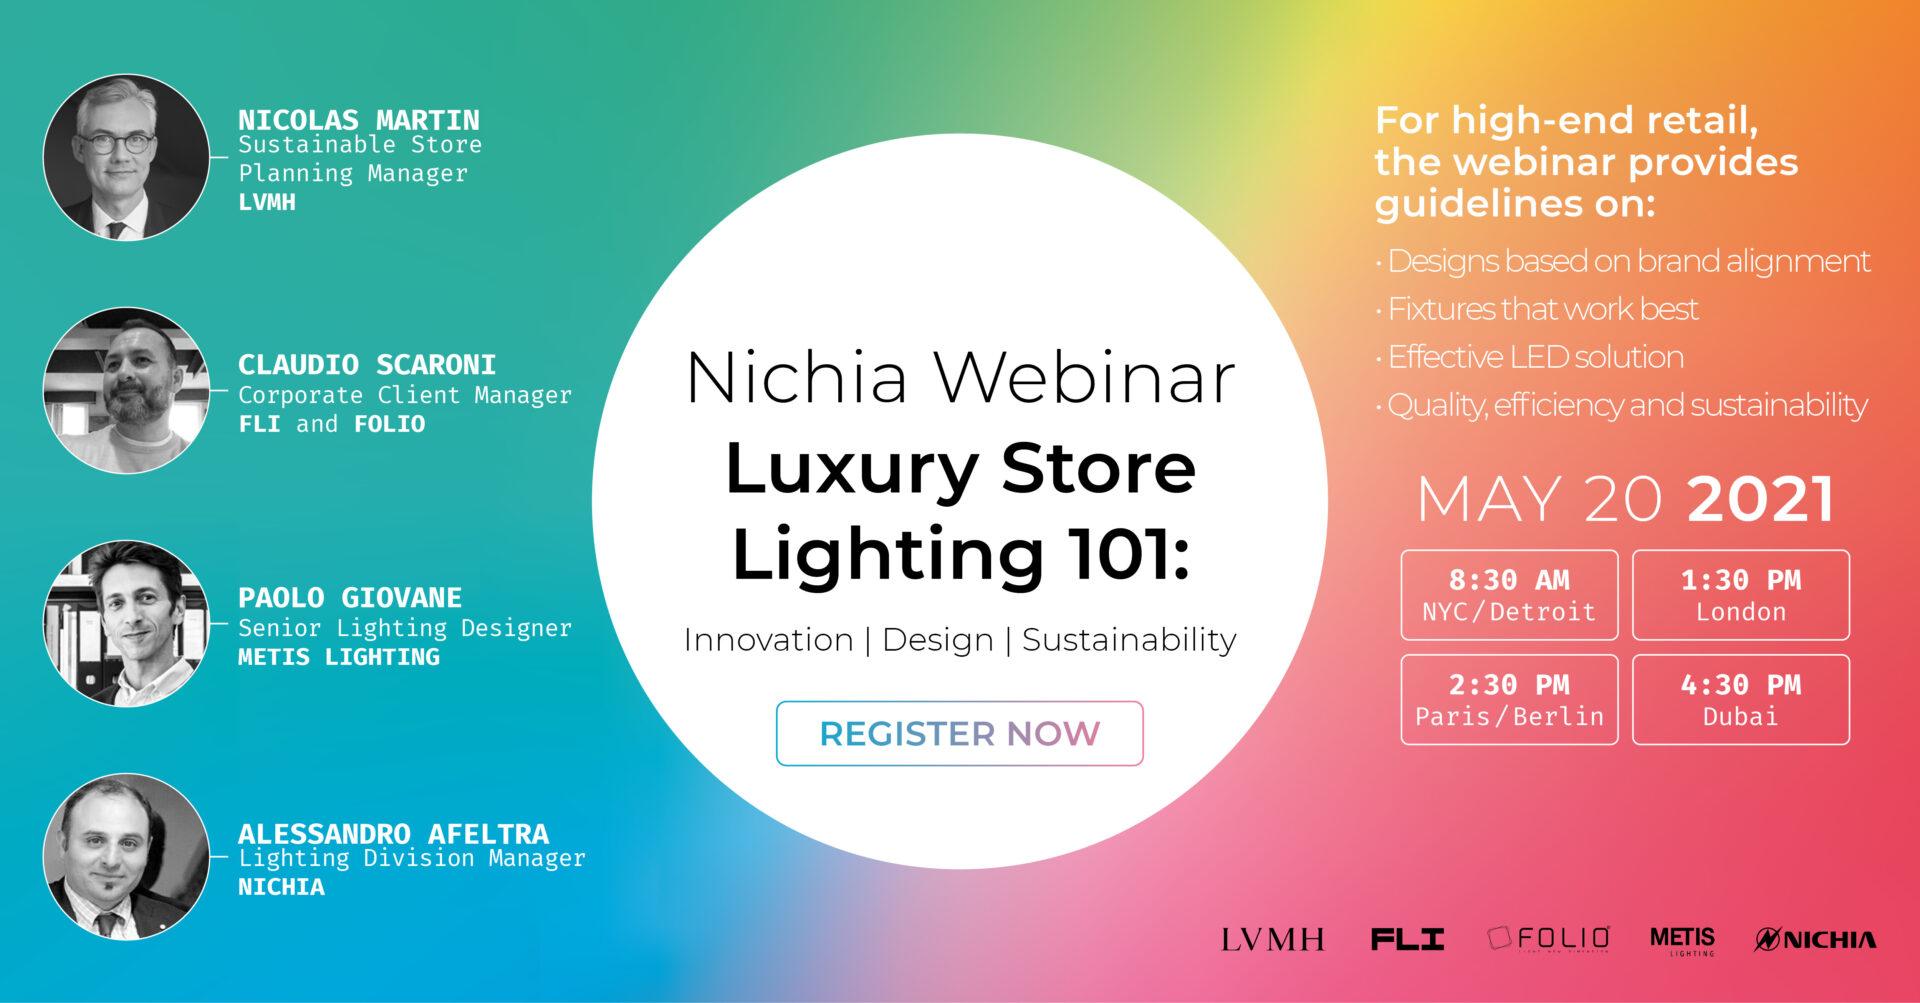 Nichia Webinar Luxury Store Lighting